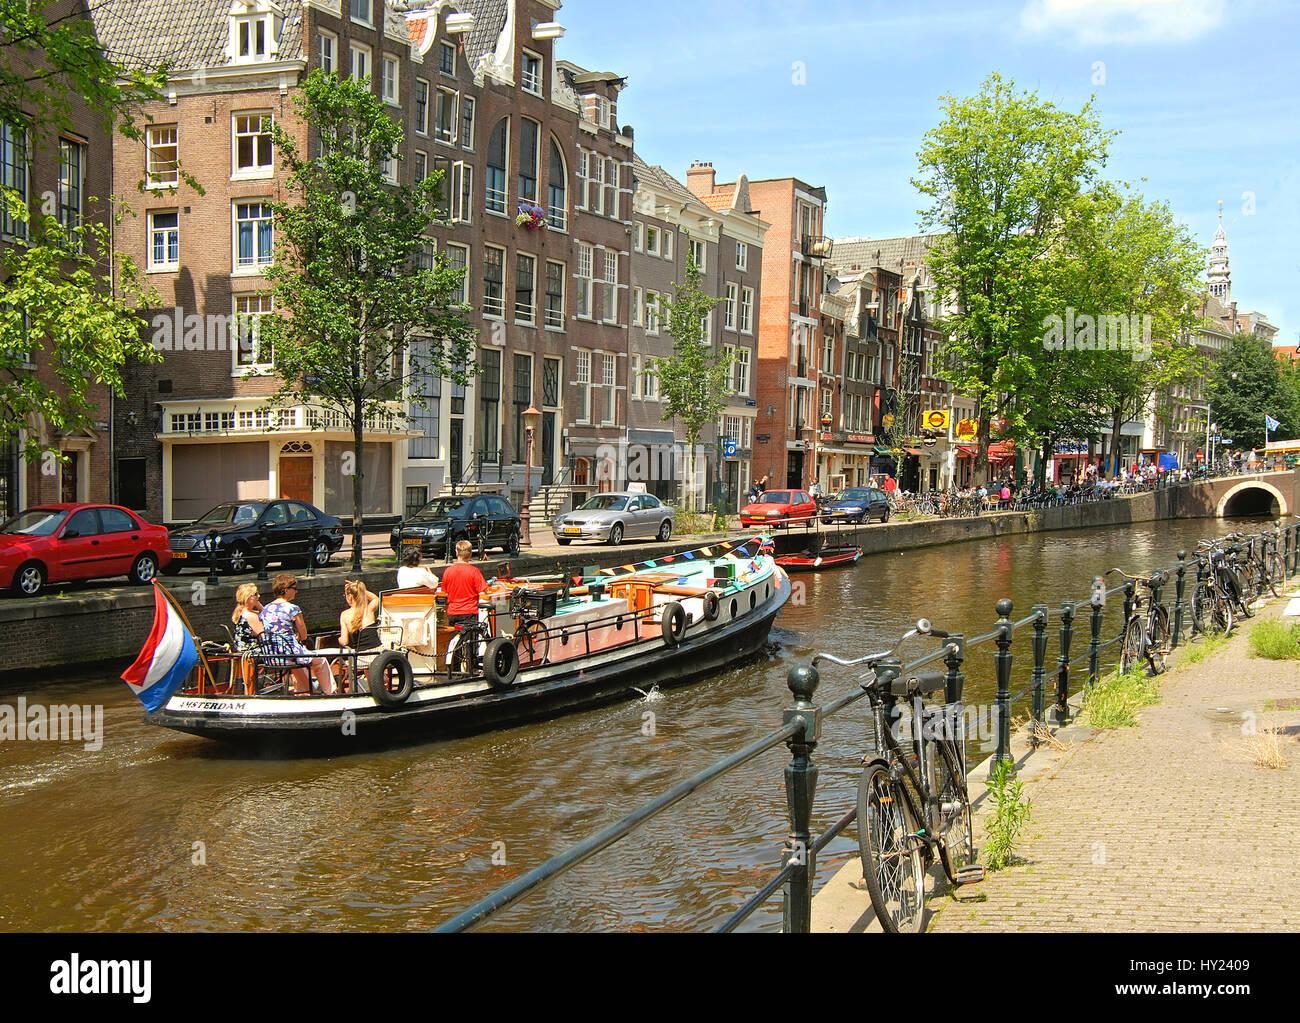 Image de house boat au volant dans un canal d'eau dans le centre-ville d'Amsterdam, Hollande. Banque D'Images